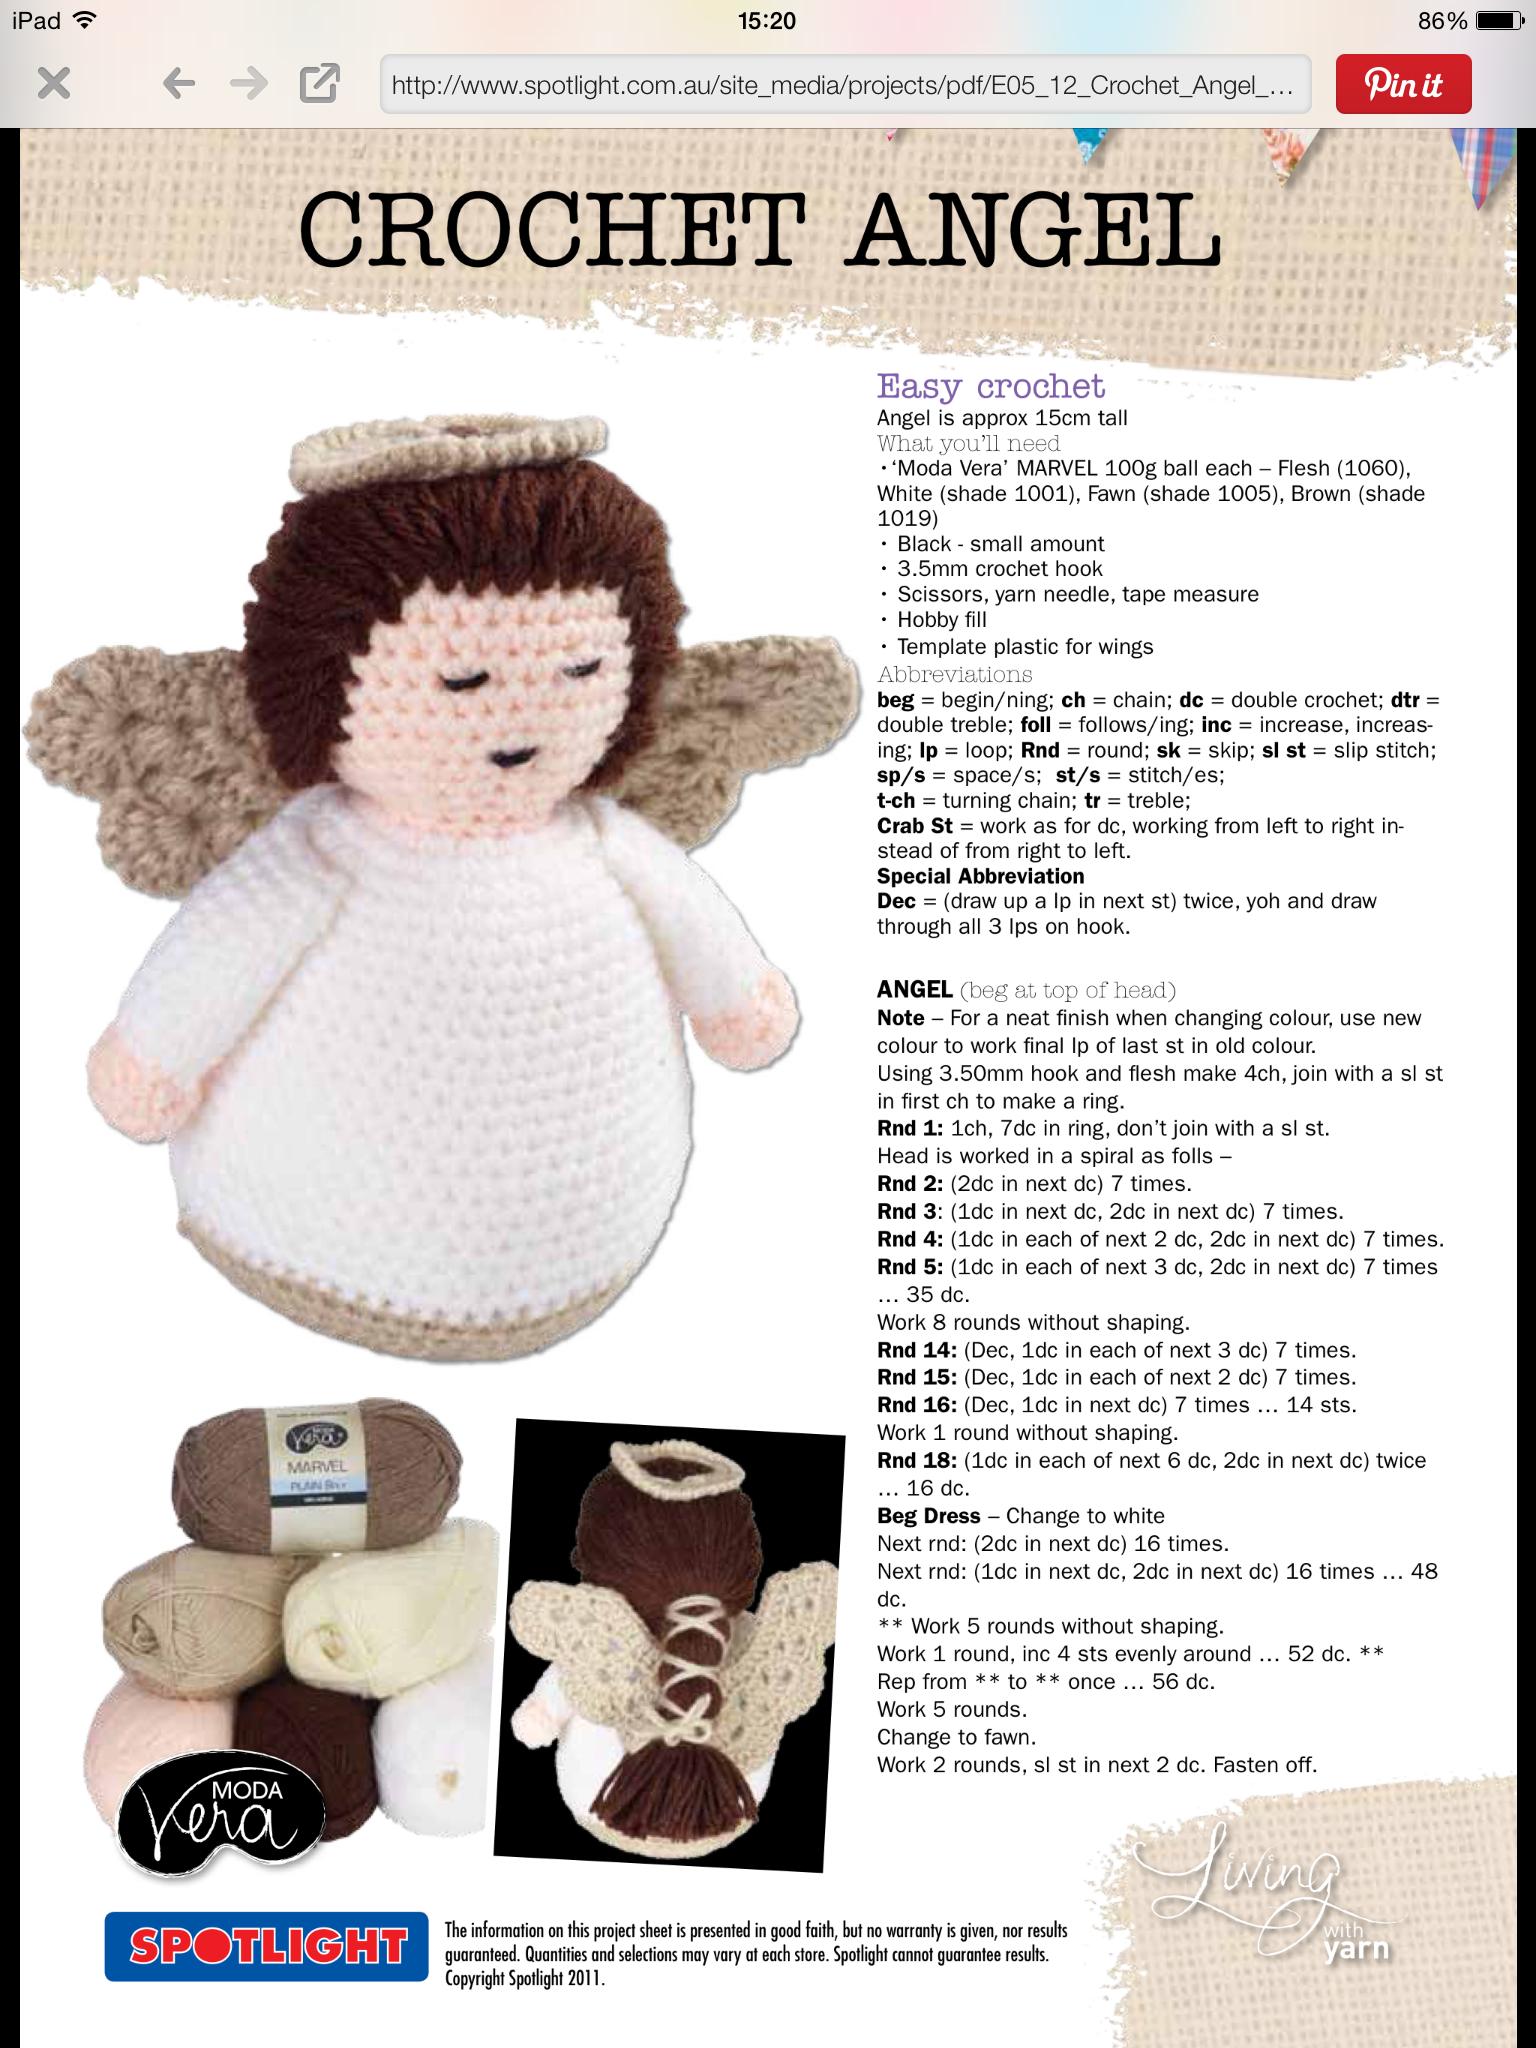 Pin von Rhonda Raine auf Knit and Crochet | Pinterest | Engelchen ...